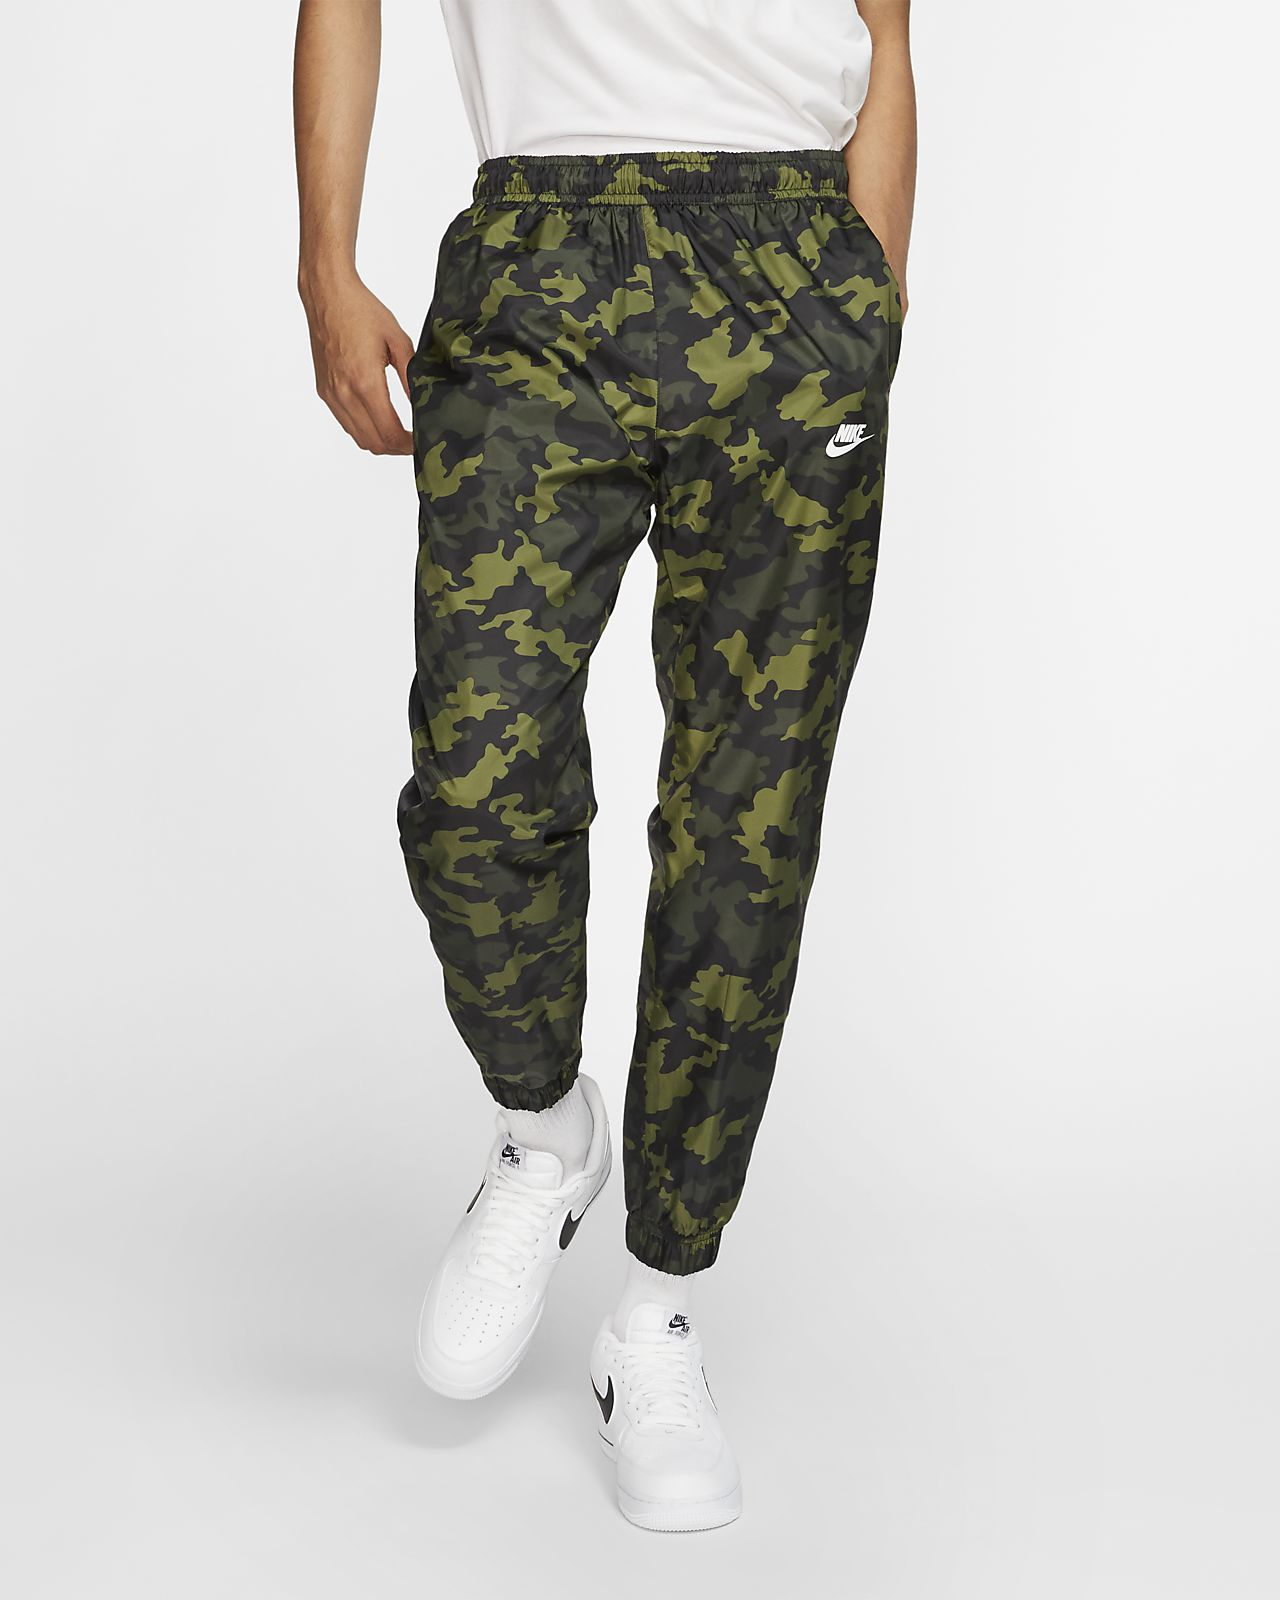 Pánské tkané maskáčové atletické kalhoty Nike Sportswear